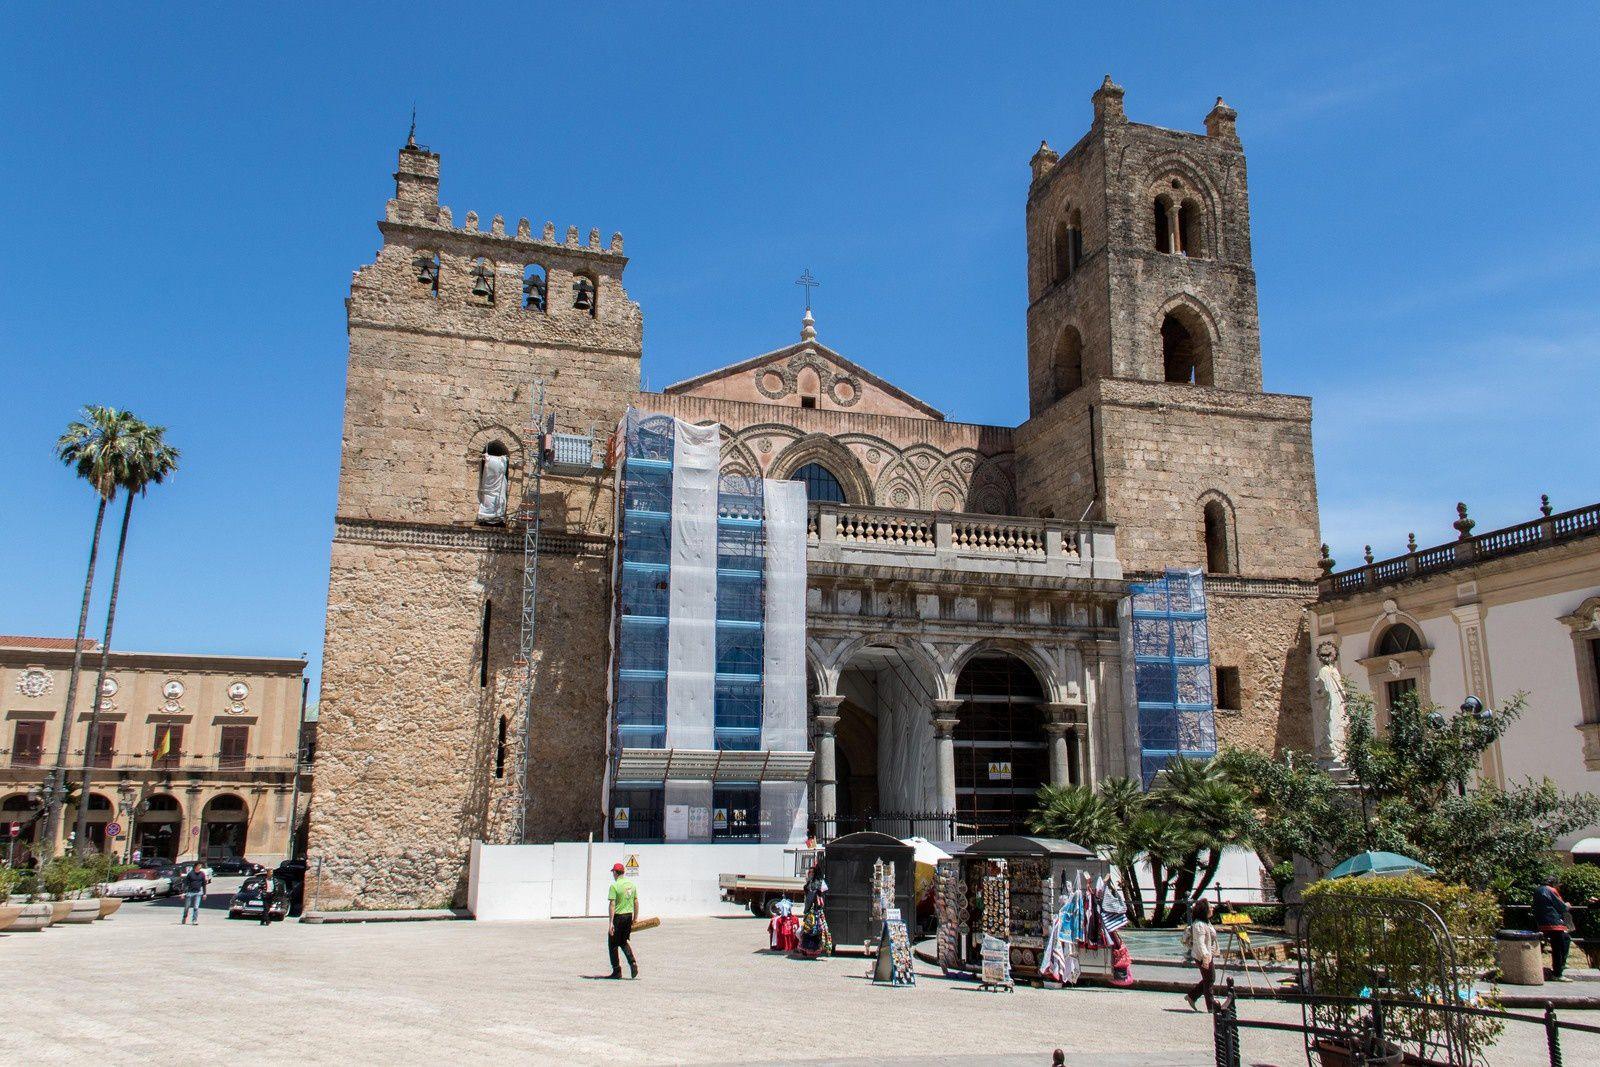 Vues extérieures de la cathédrale et vue sur la baie de Palerme